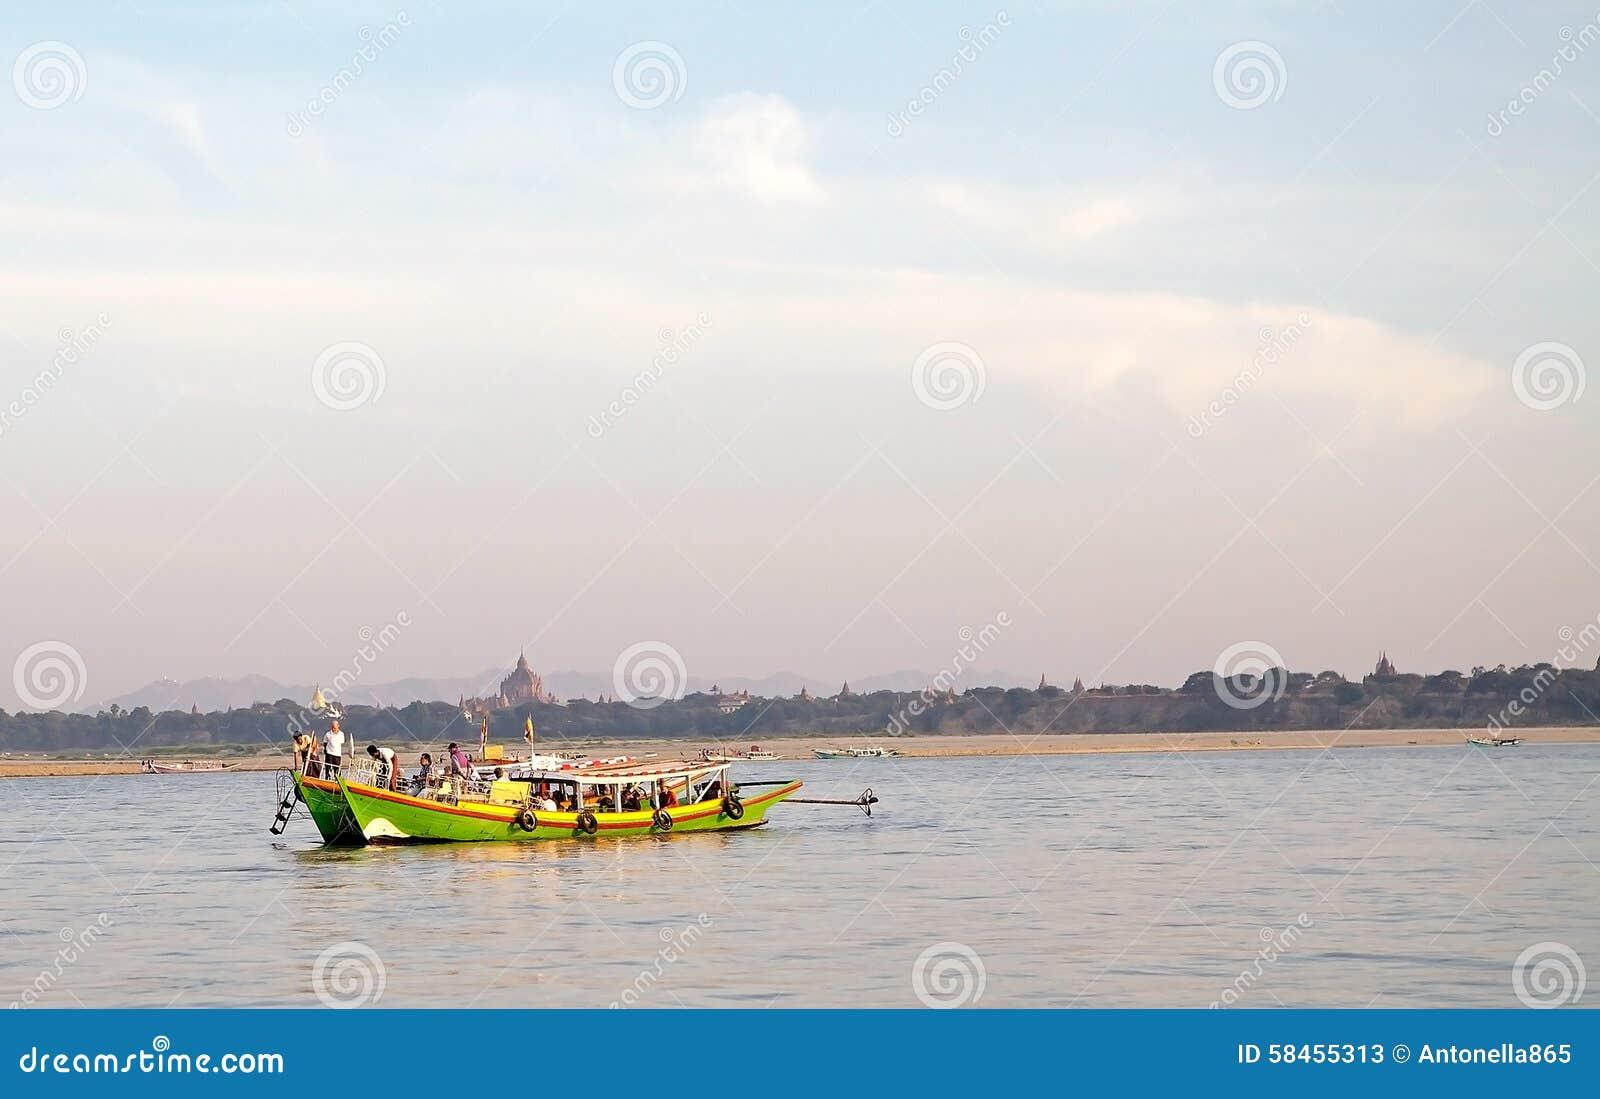 Barca lungo il fiume di Irrawaddy in Bagan, Myanmar